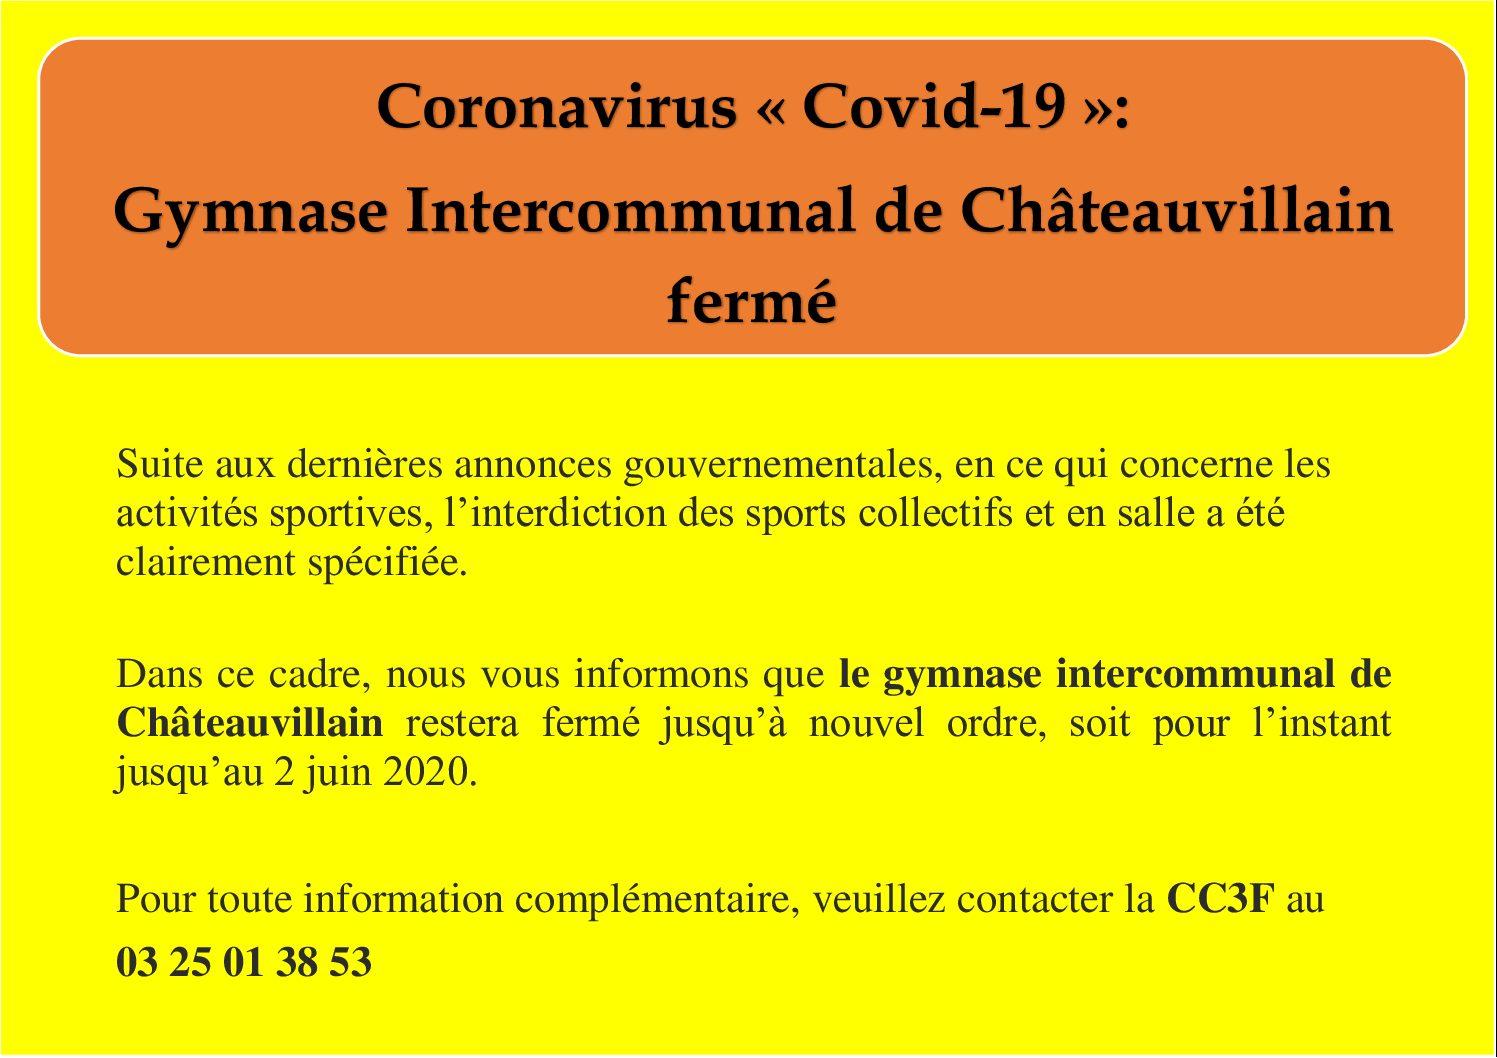 Gymnase intercommunal de Châteauvillain fermé